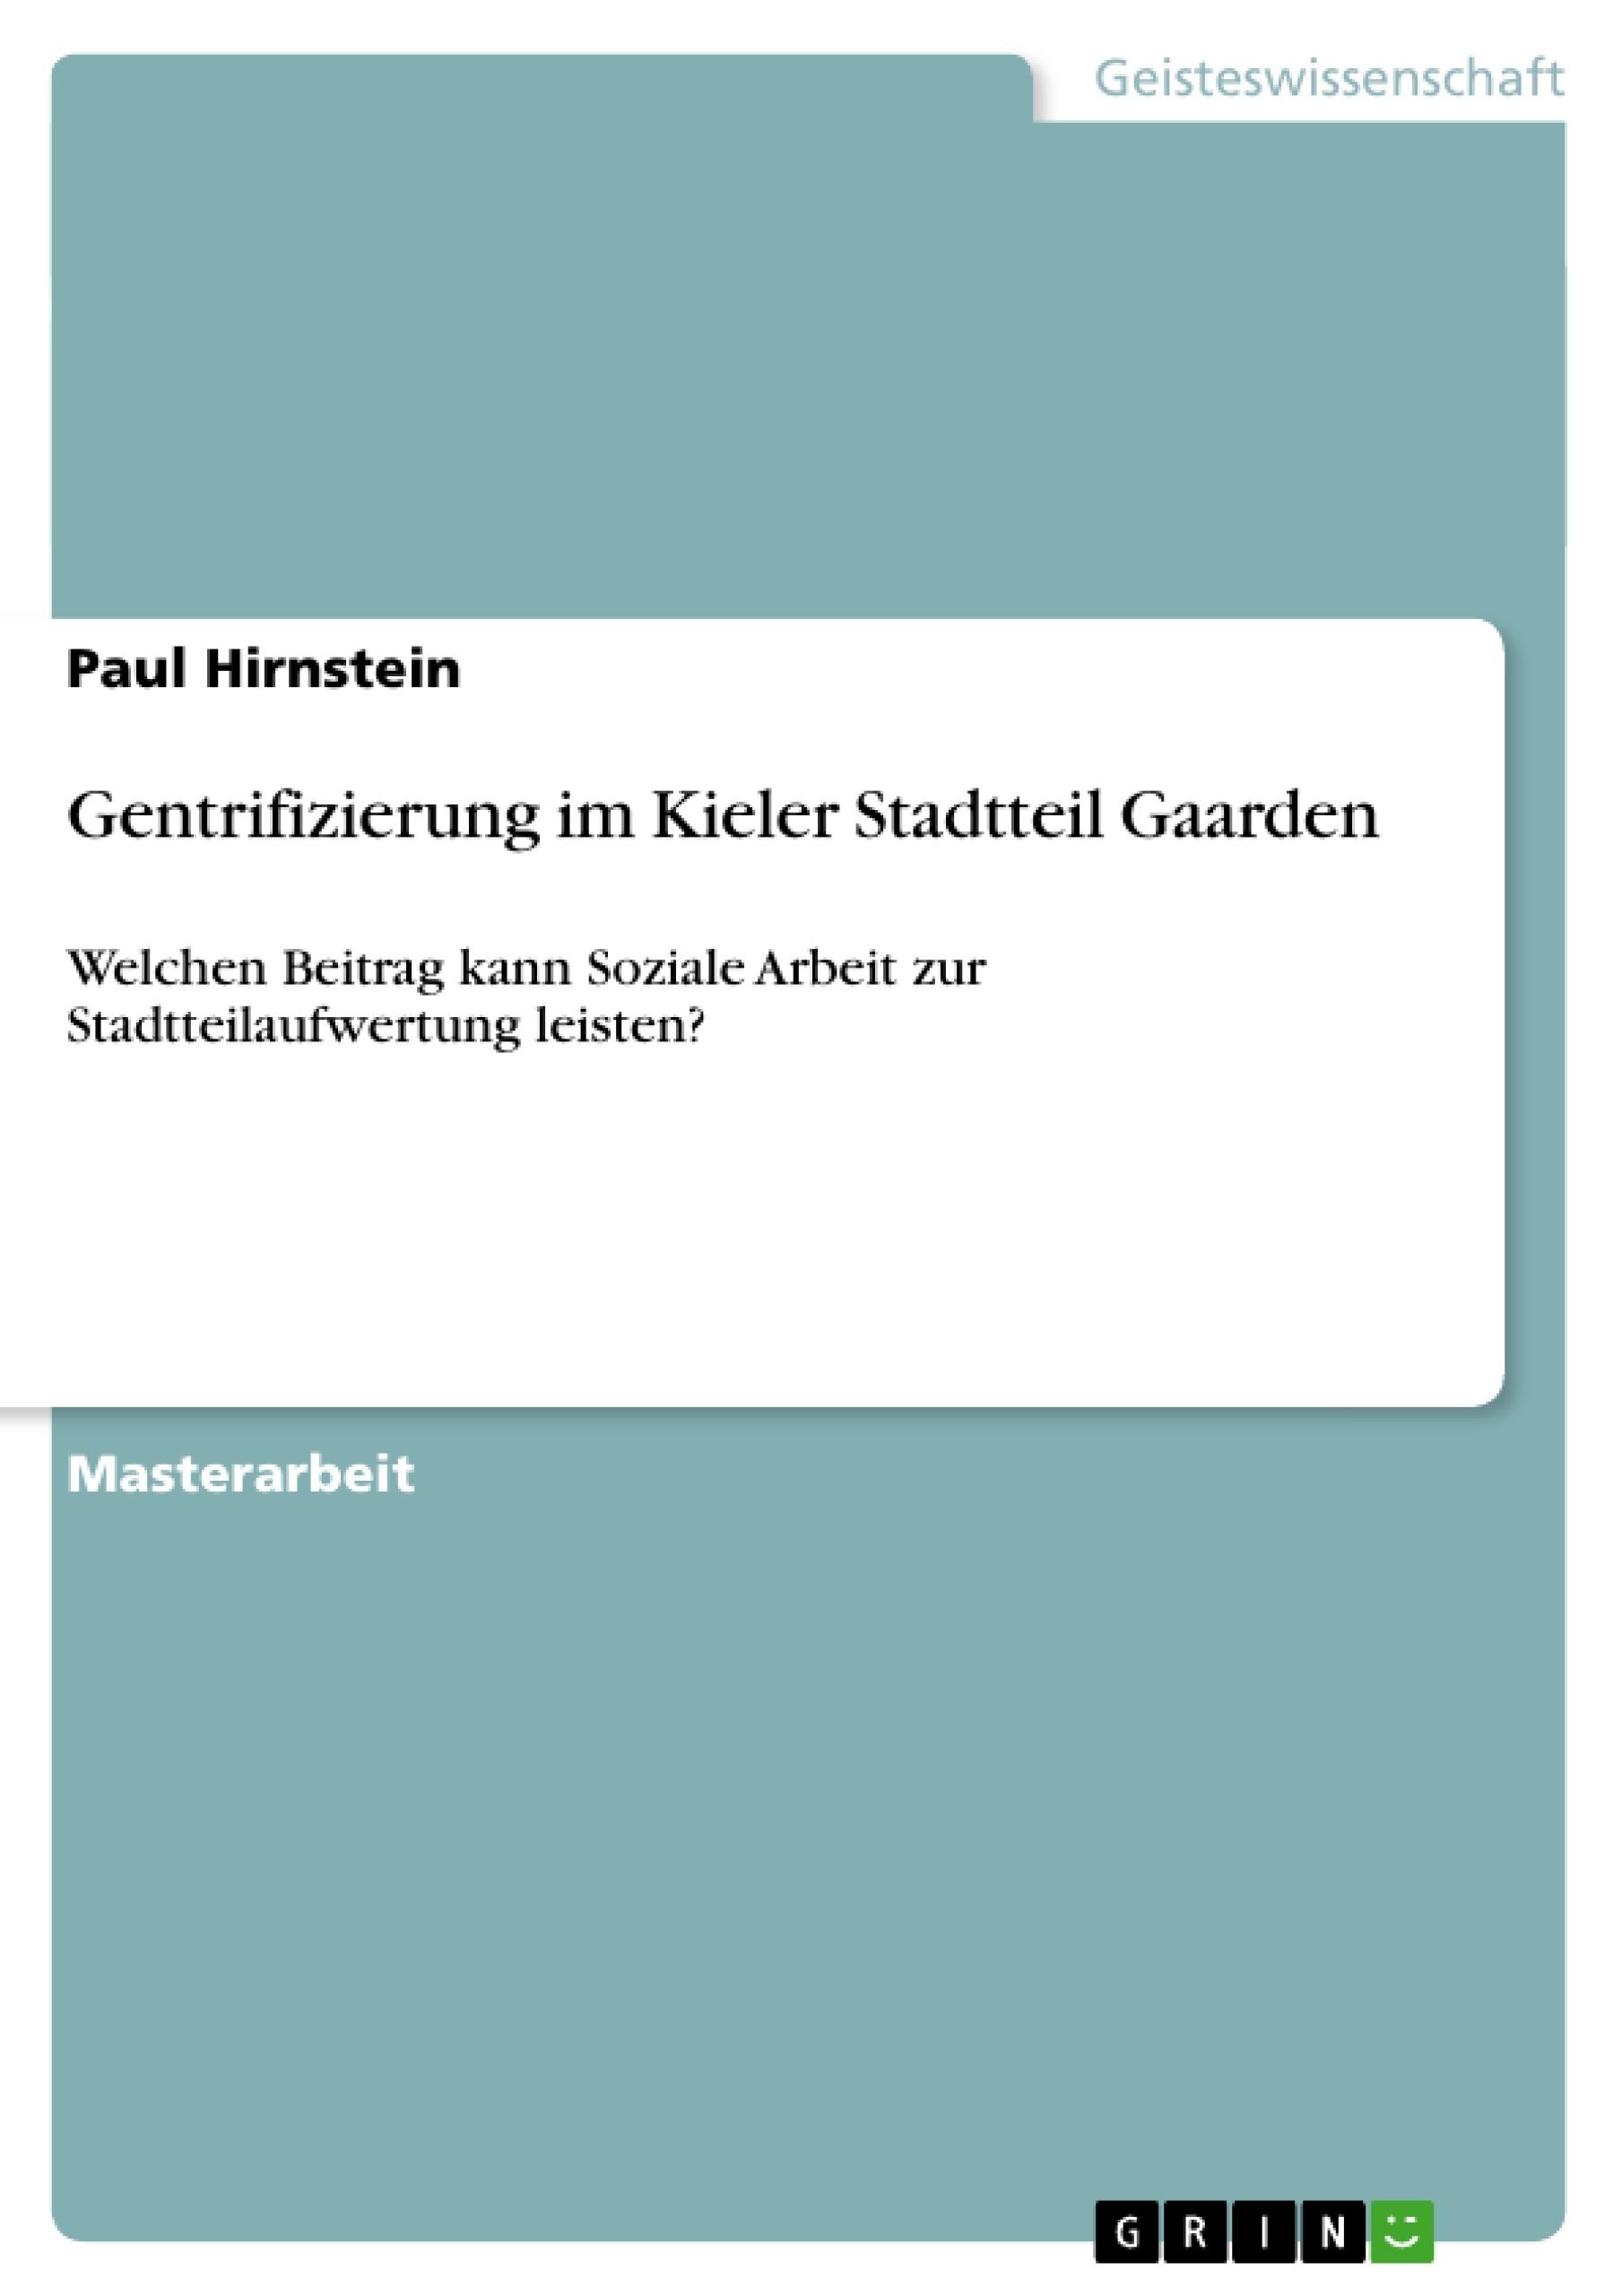 Titel: Gentrifizierung im Kieler Stadtteil Gaarden